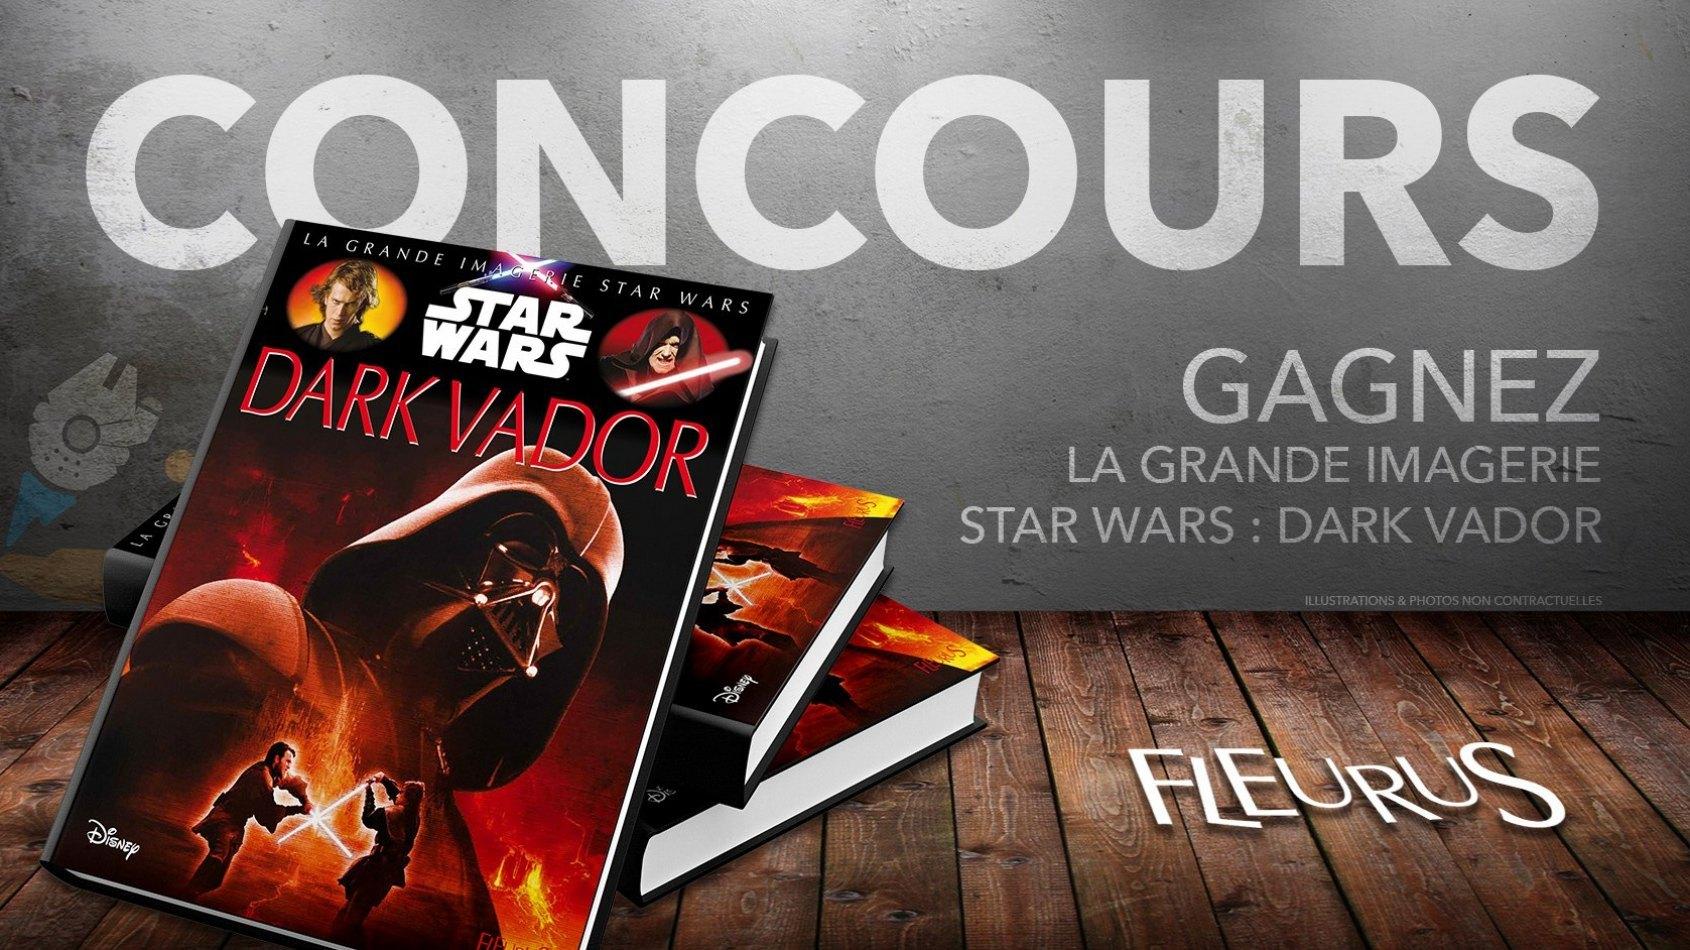 Concours : Gagnez La Grande Imagerie Dark Vador